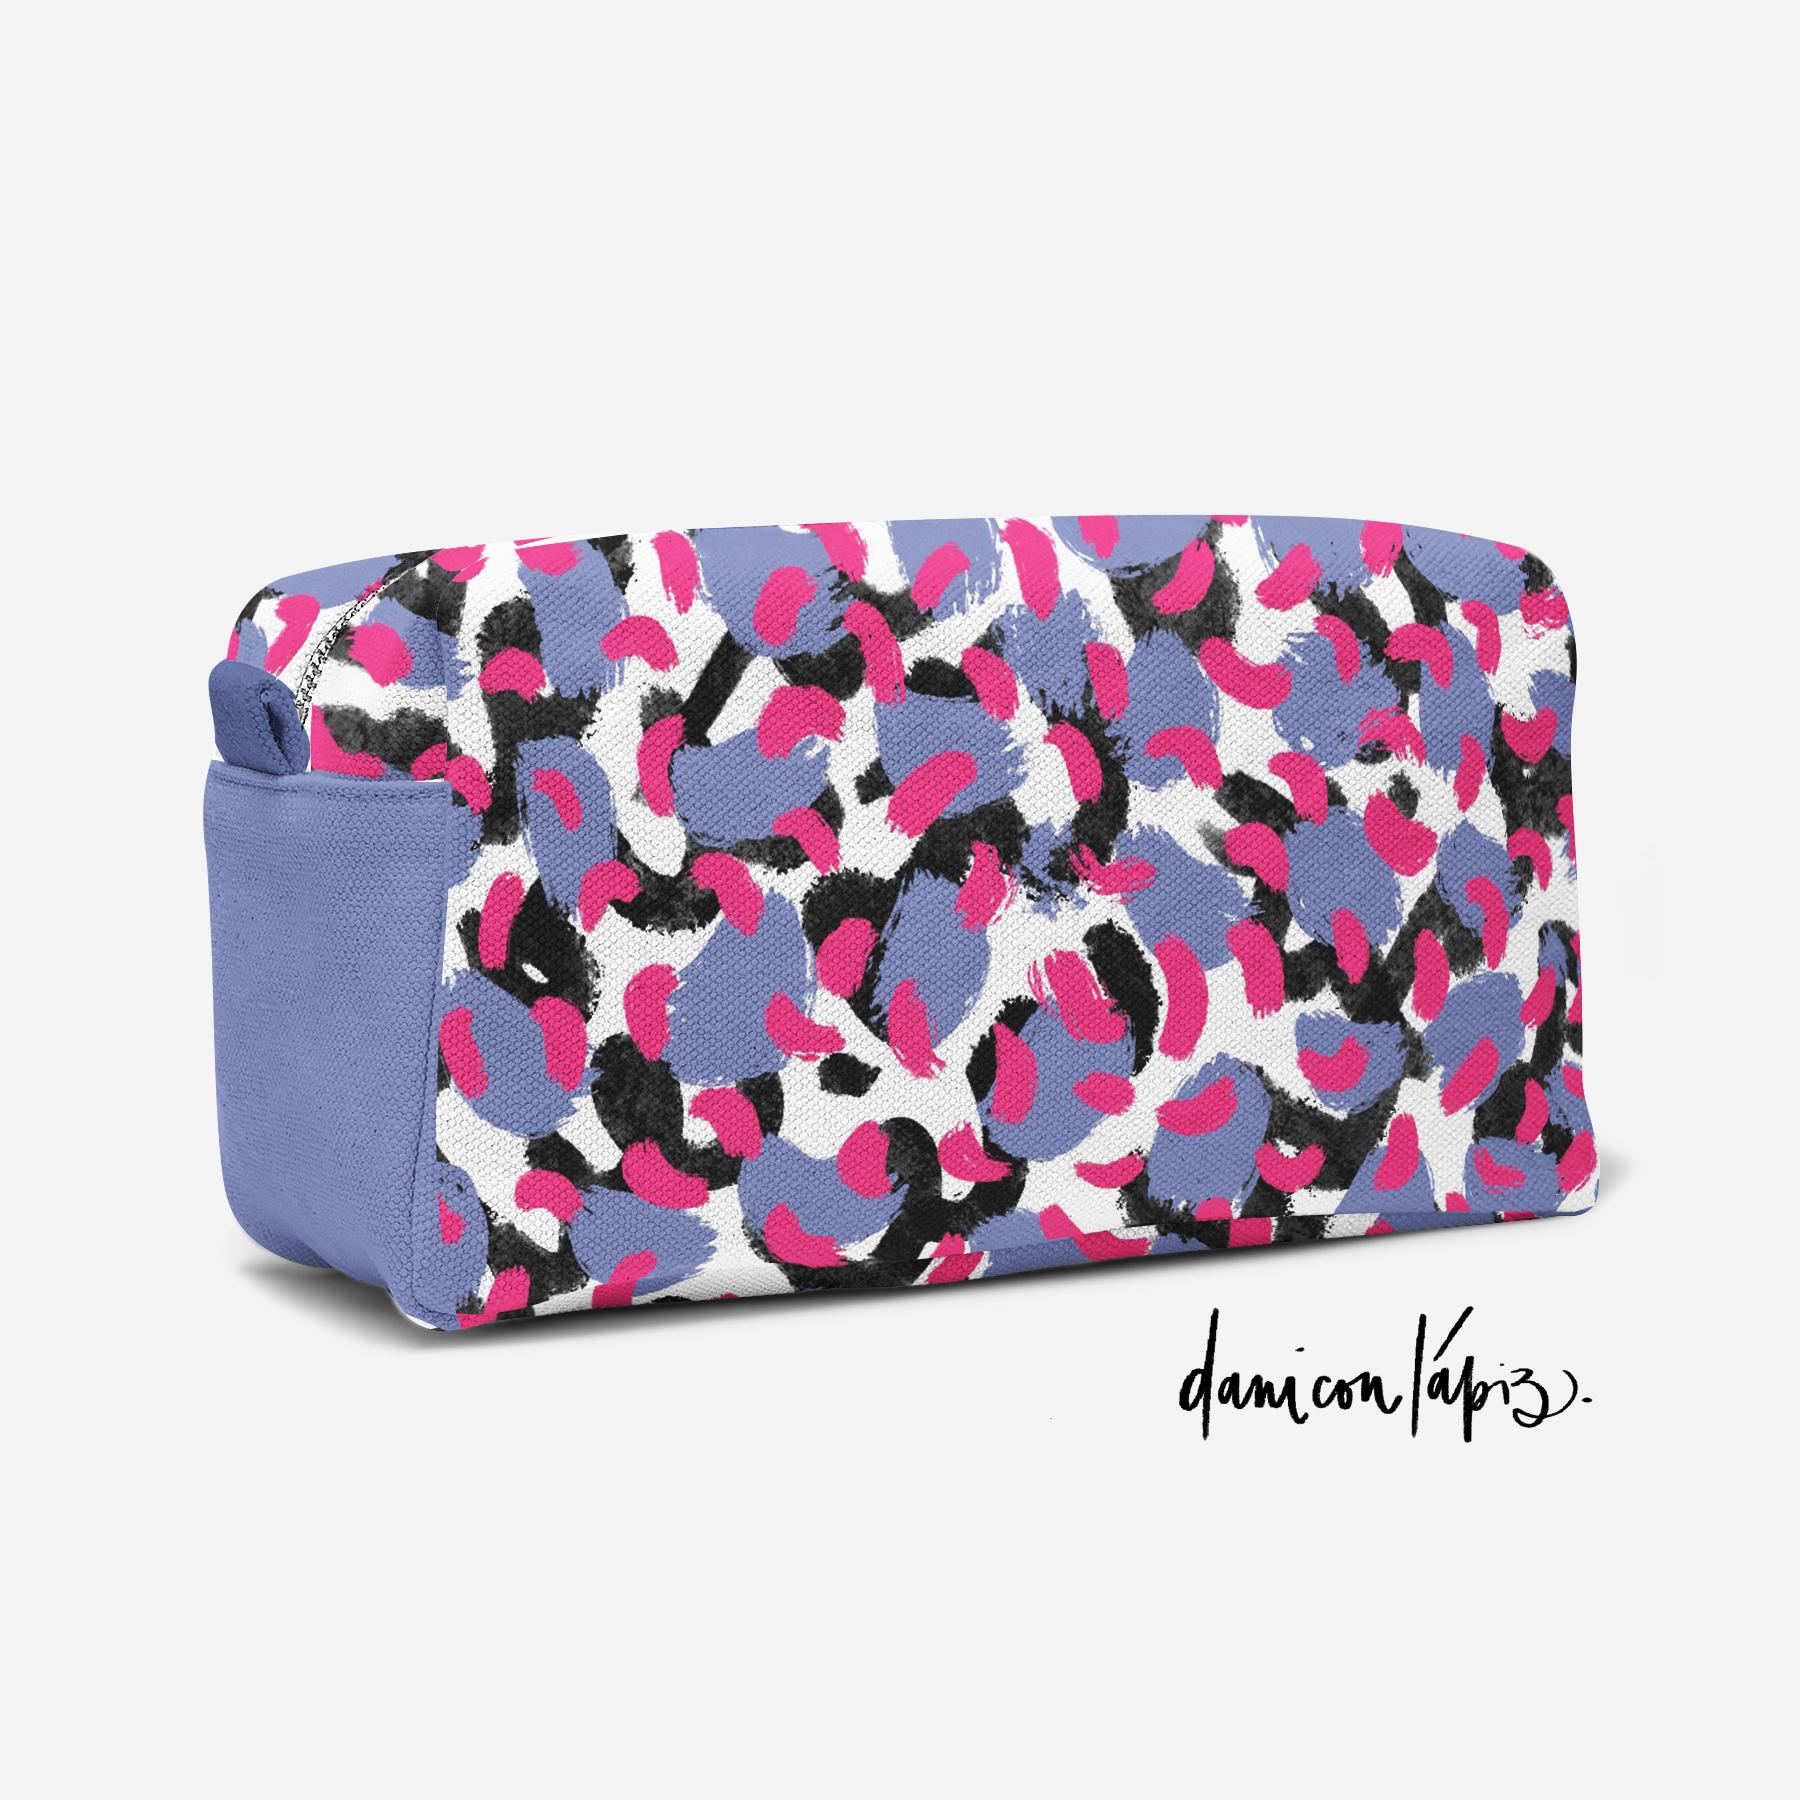 Diseño pattern cosmetiquero by Dani con Lápiz / 2020